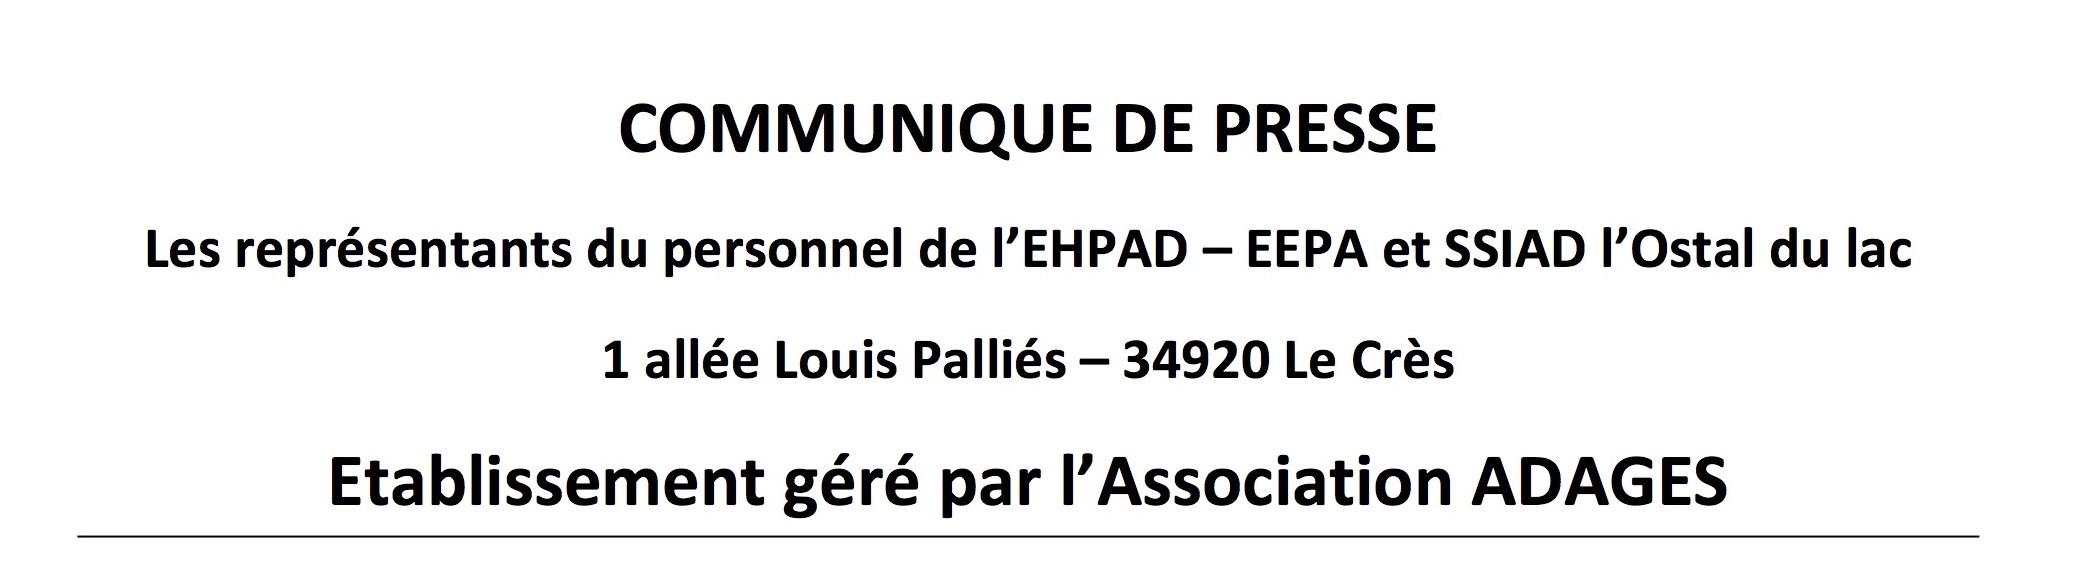 Oubliés du Ségur : communiqué des représentants du personnel de l'EHPAD - EEPA et SSIAD L'Ostal du Lac